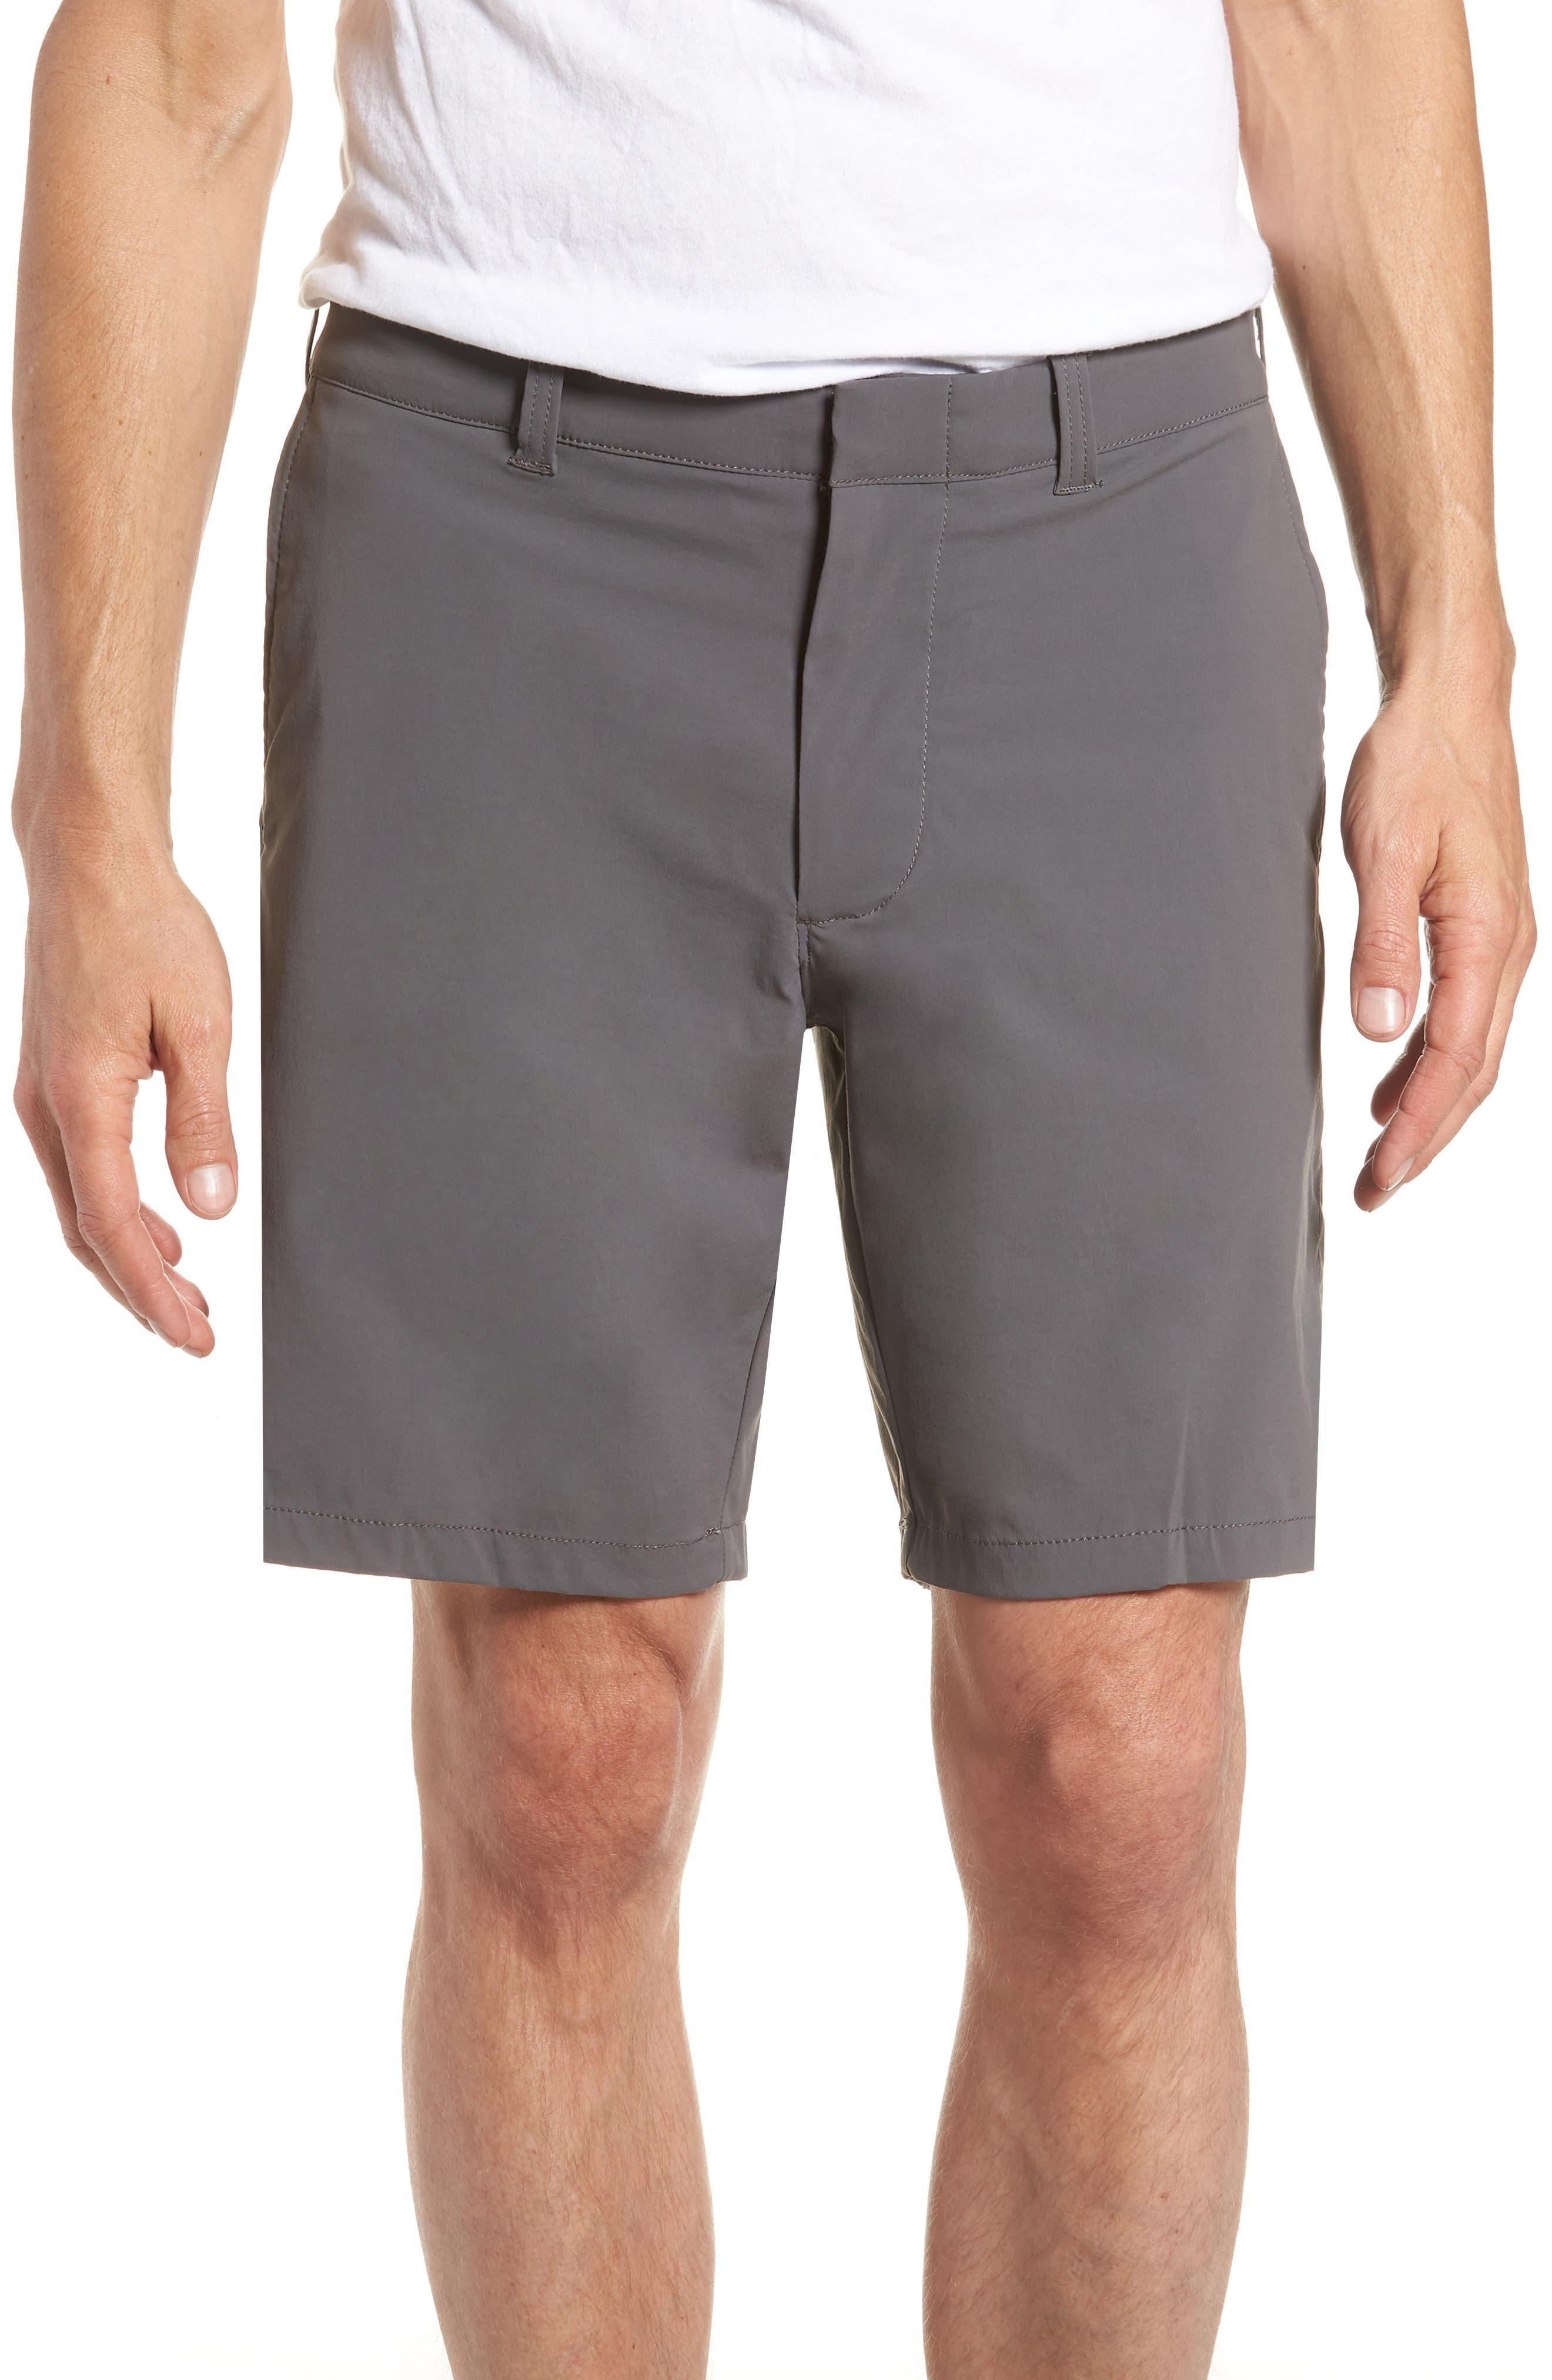 Tech Shorts,                             Main thumbnail 1, color,                             020